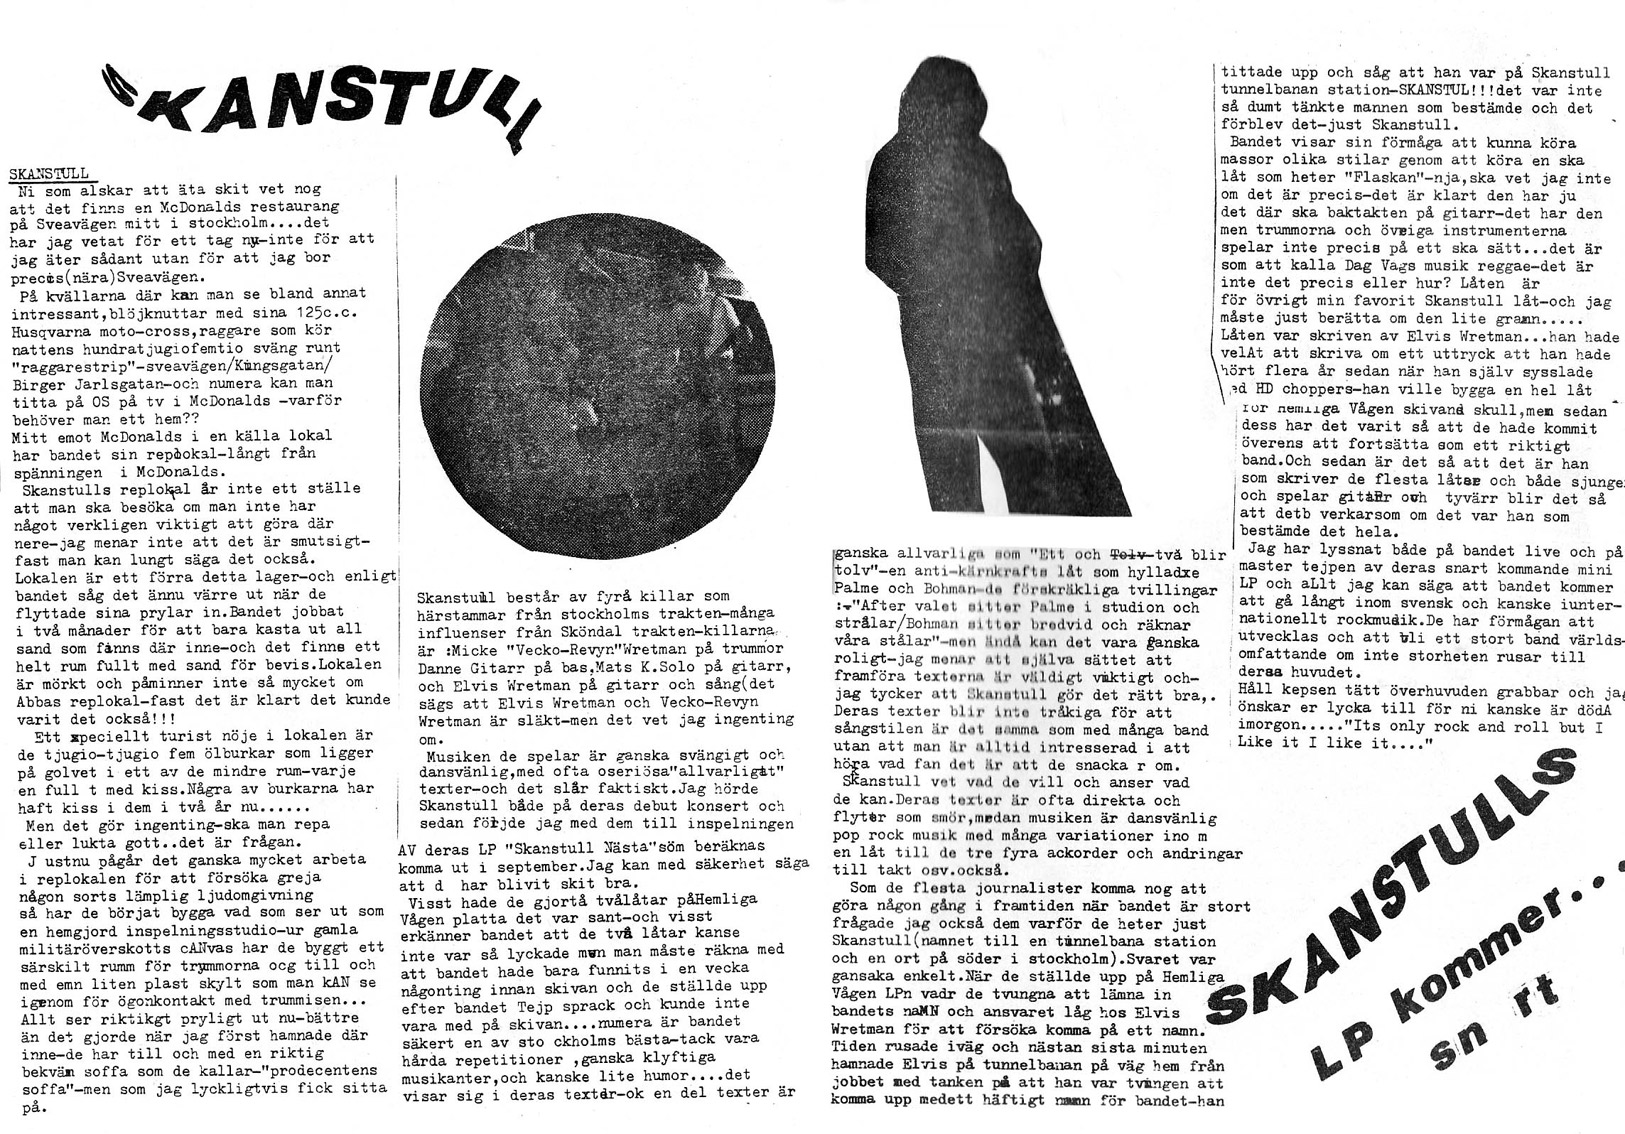 skanstull_musik_expressen_stor